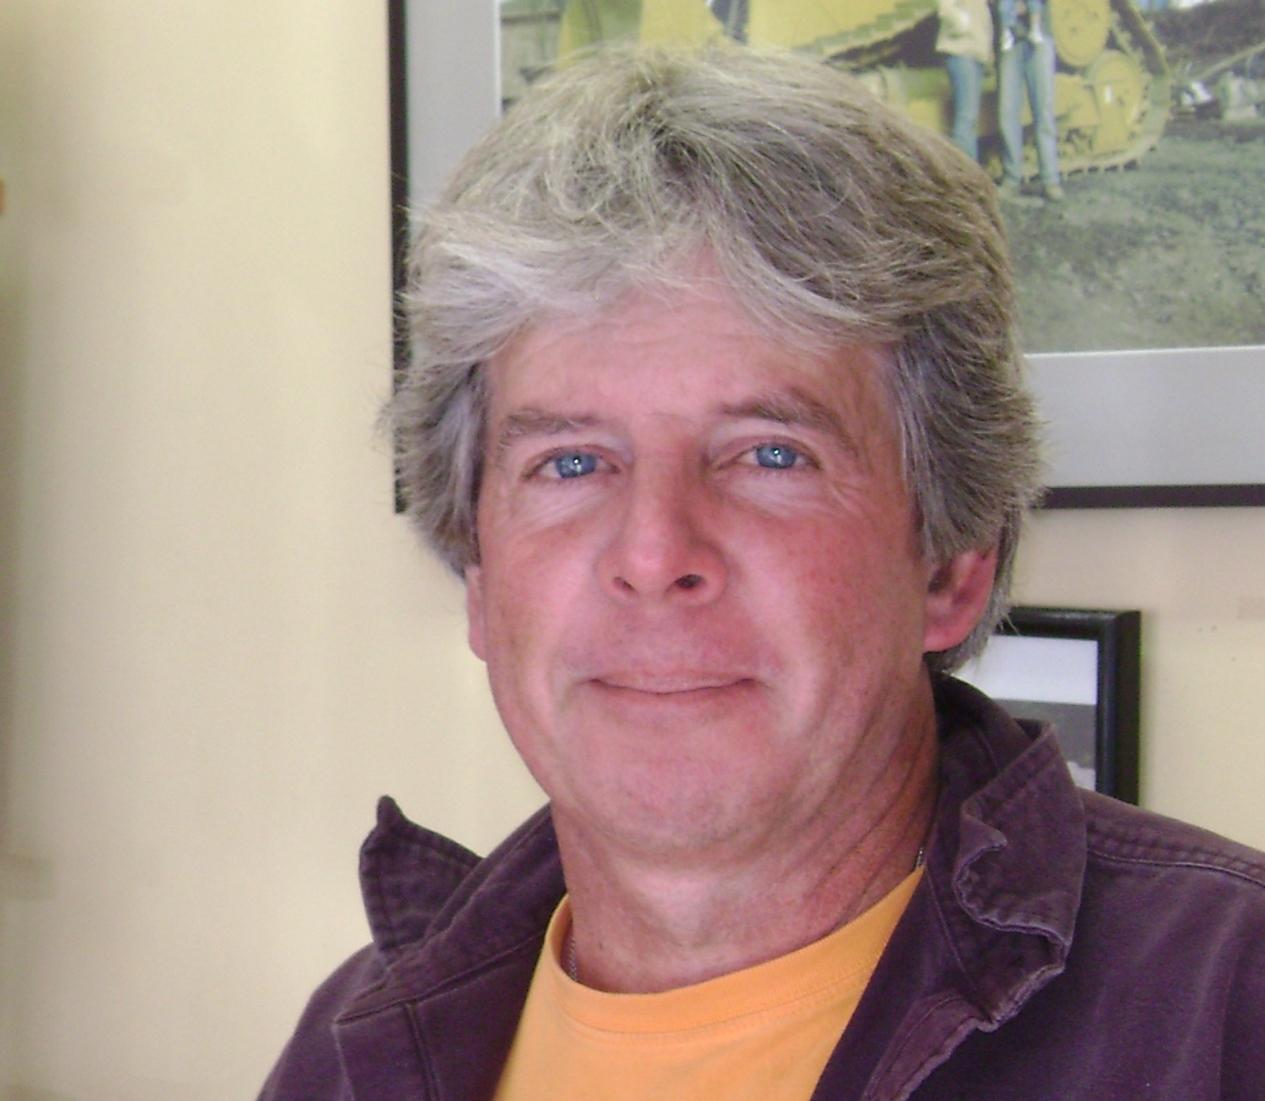 Neil Andre